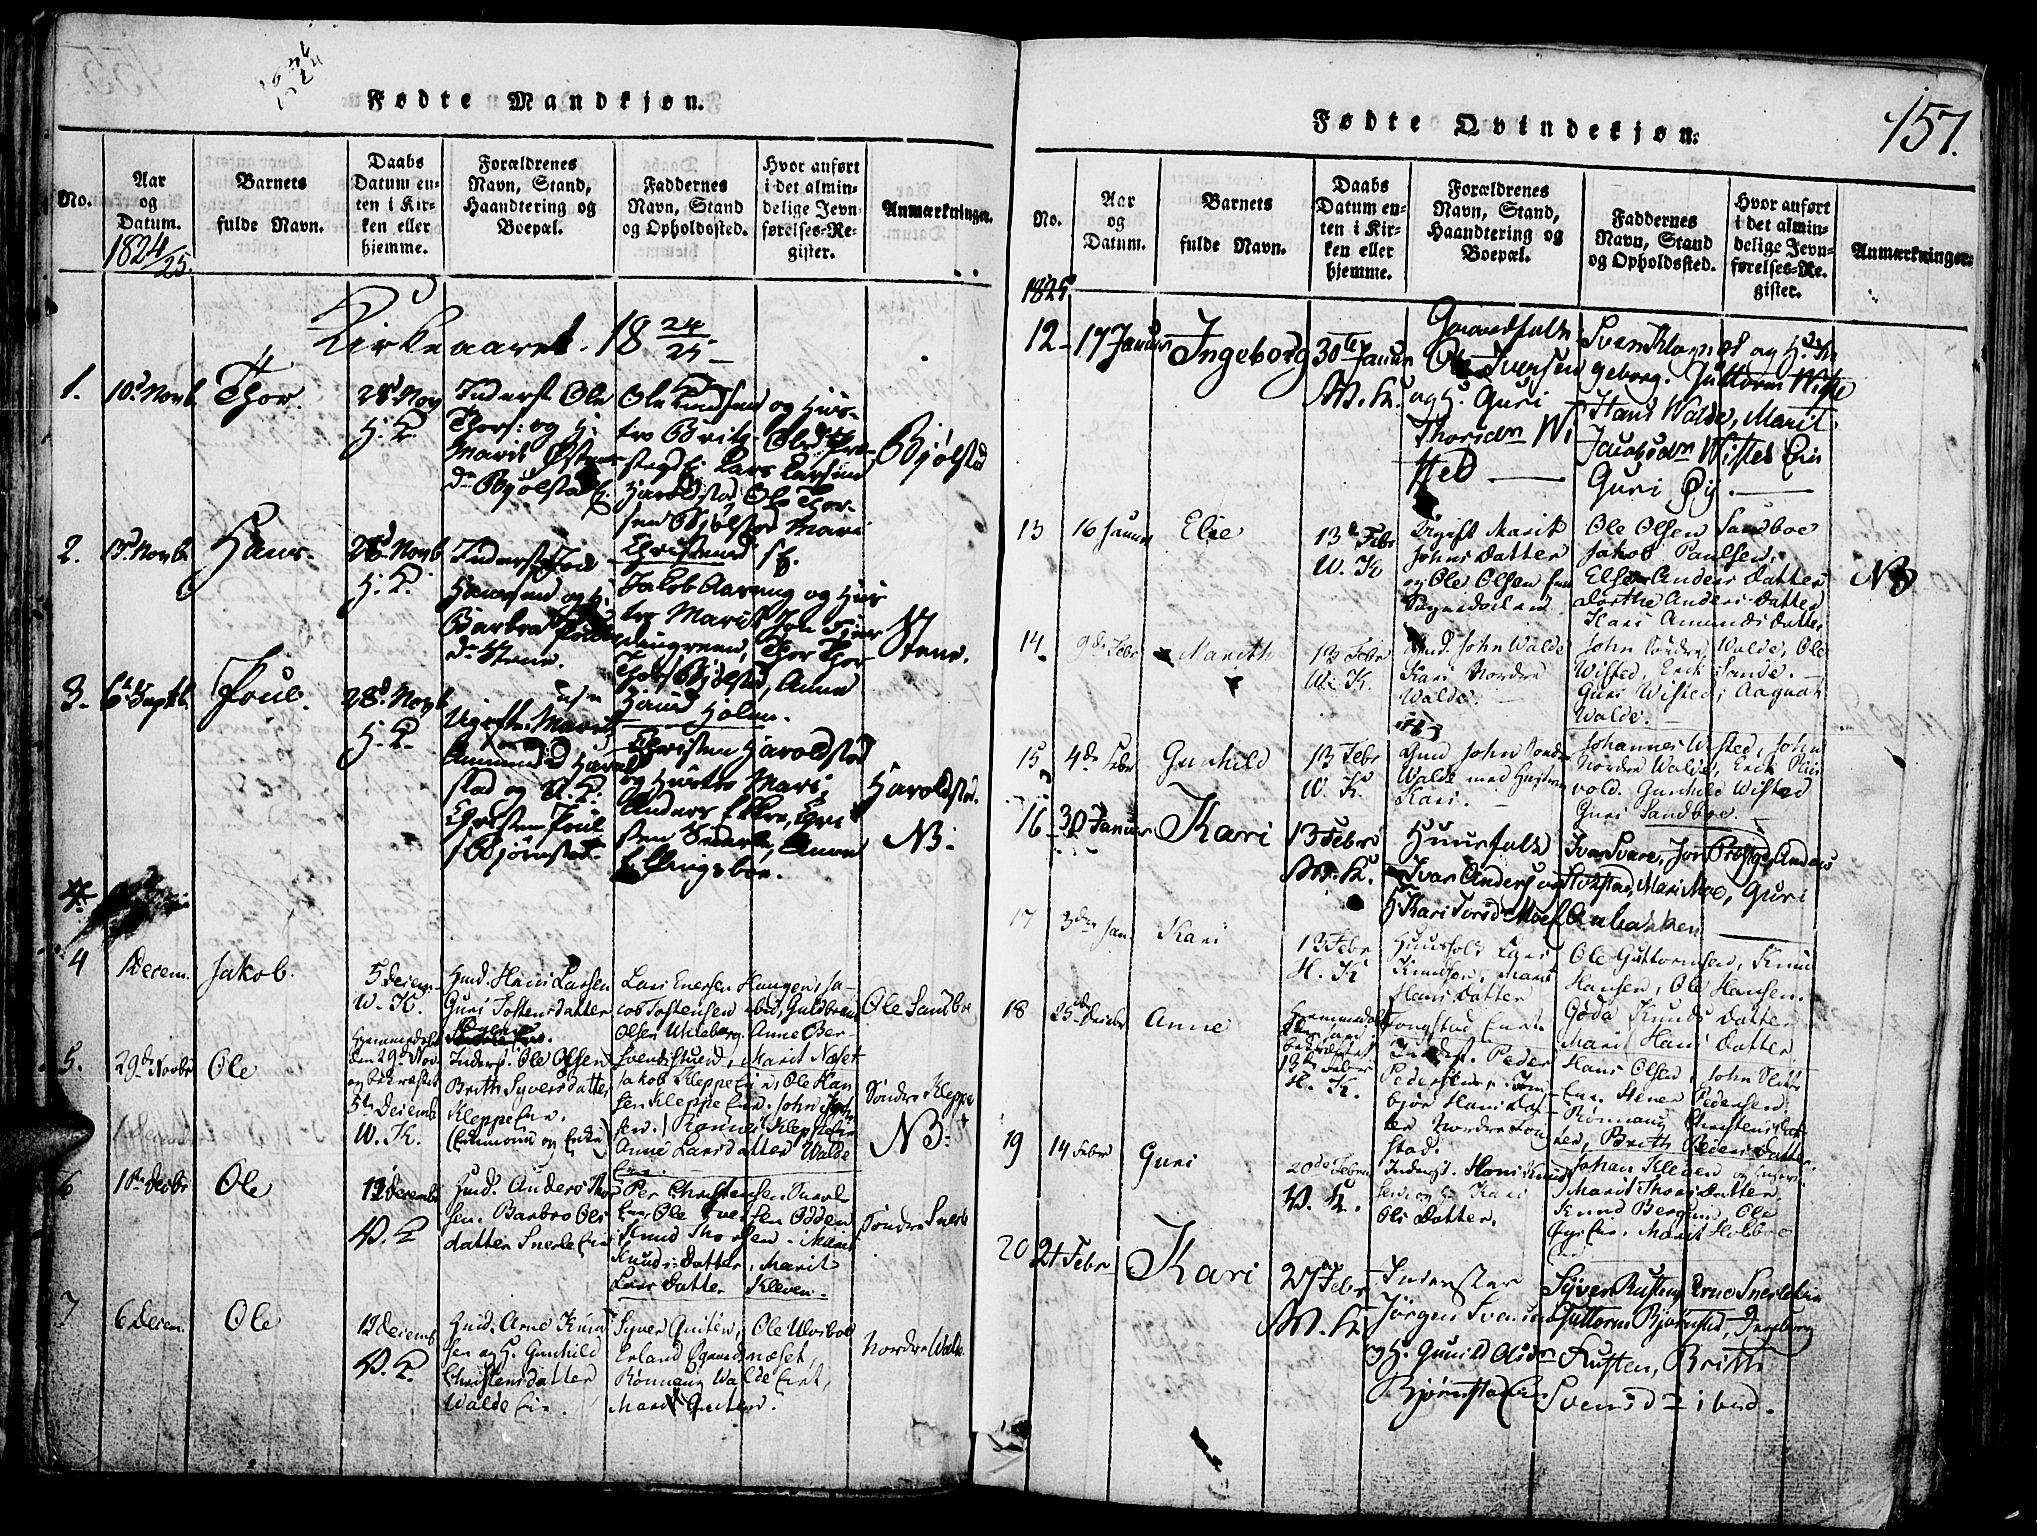 SAH, Vågå prestekontor, Klokkerbok nr. 1, 1815-1827, s. 156-157